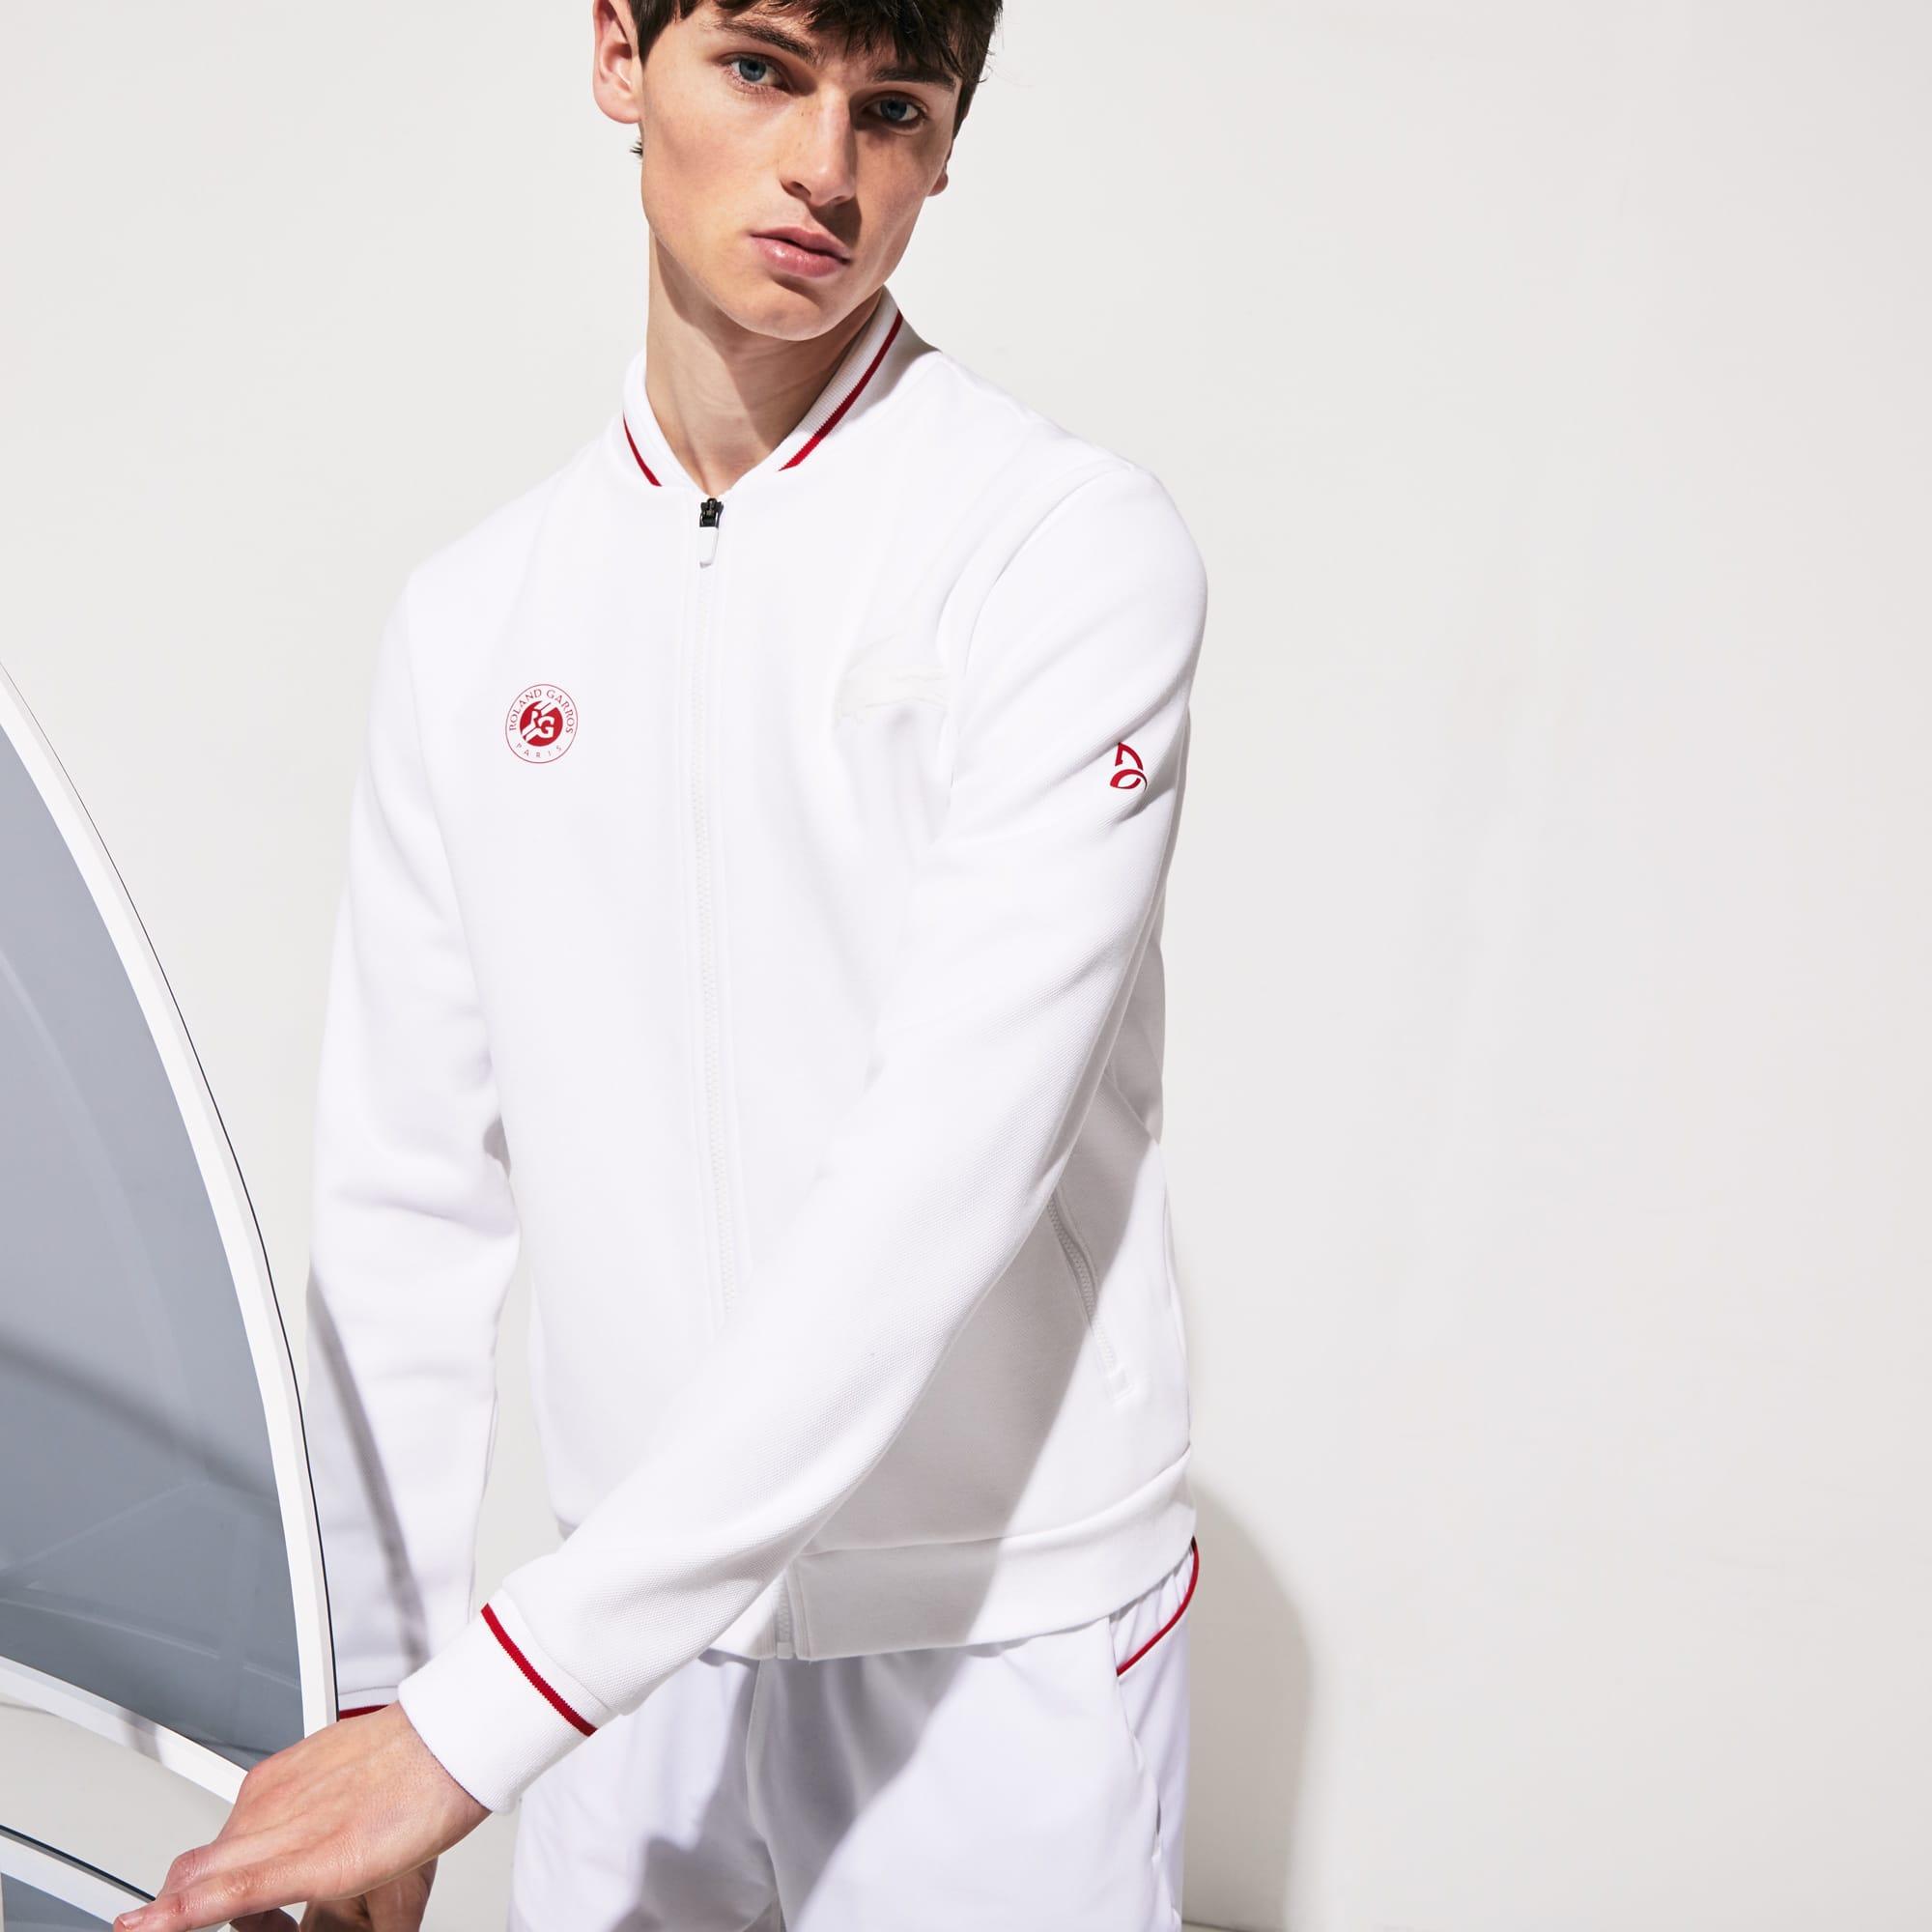 라코스테 스포츠 롤랑가로스 노박 조코비치 자켓 Lacoste Mens SPORT Roland Garros x Novak Djokovic Jacket